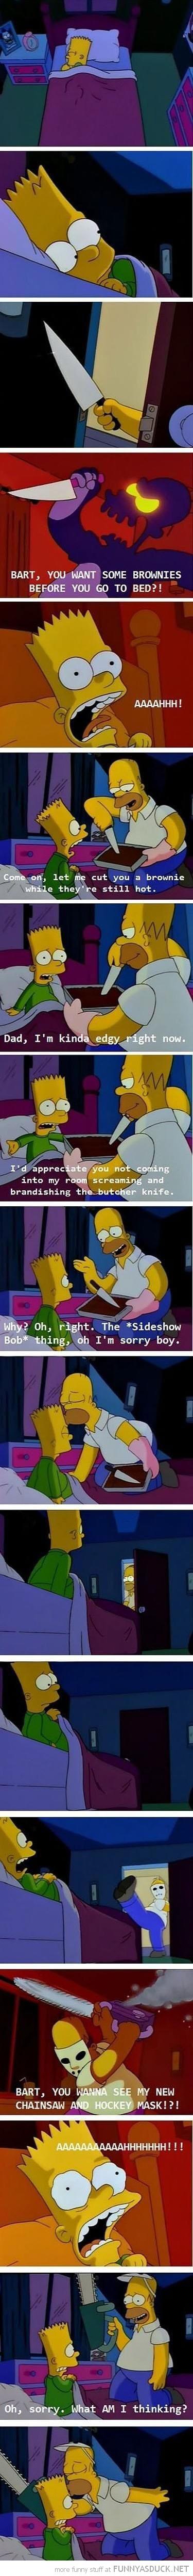 The Sideshow Bob Thing